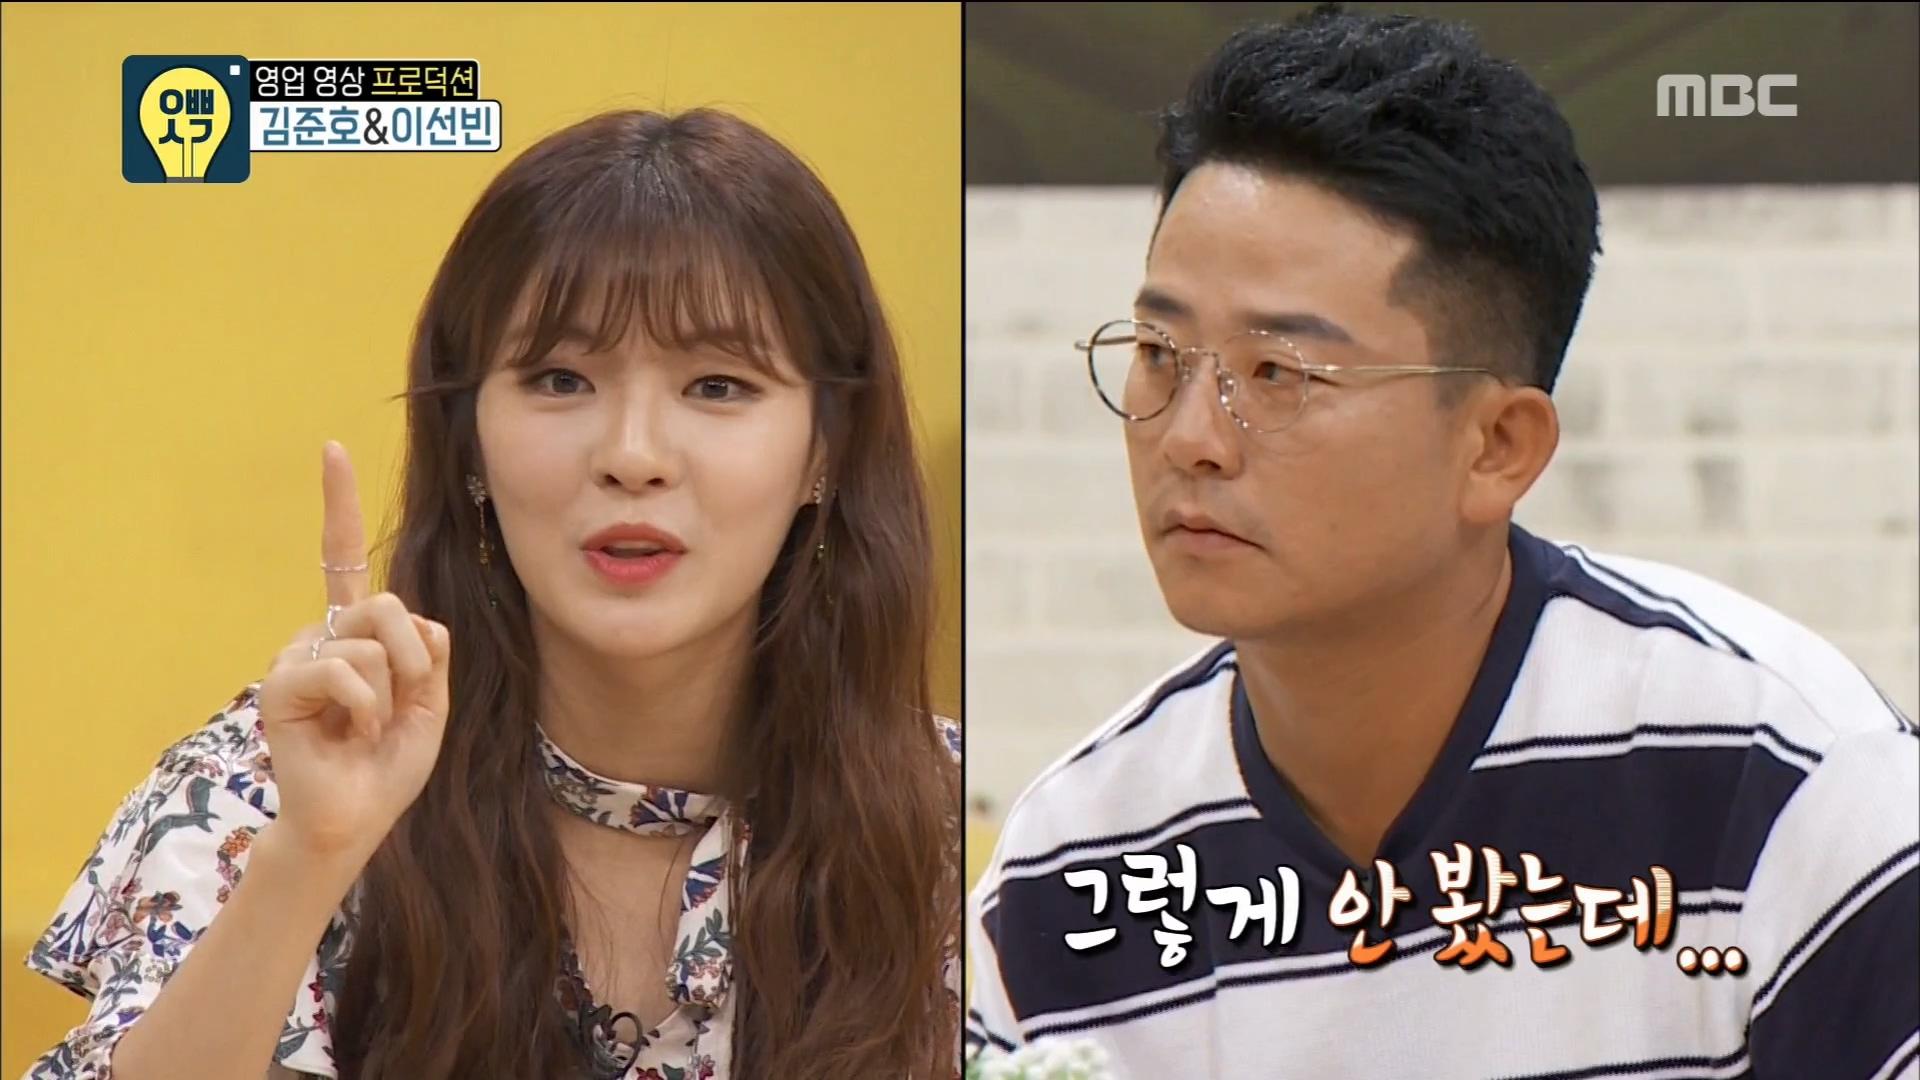 논현동 피바다 이선빈 vs 김준호의 팔씨름 대결!